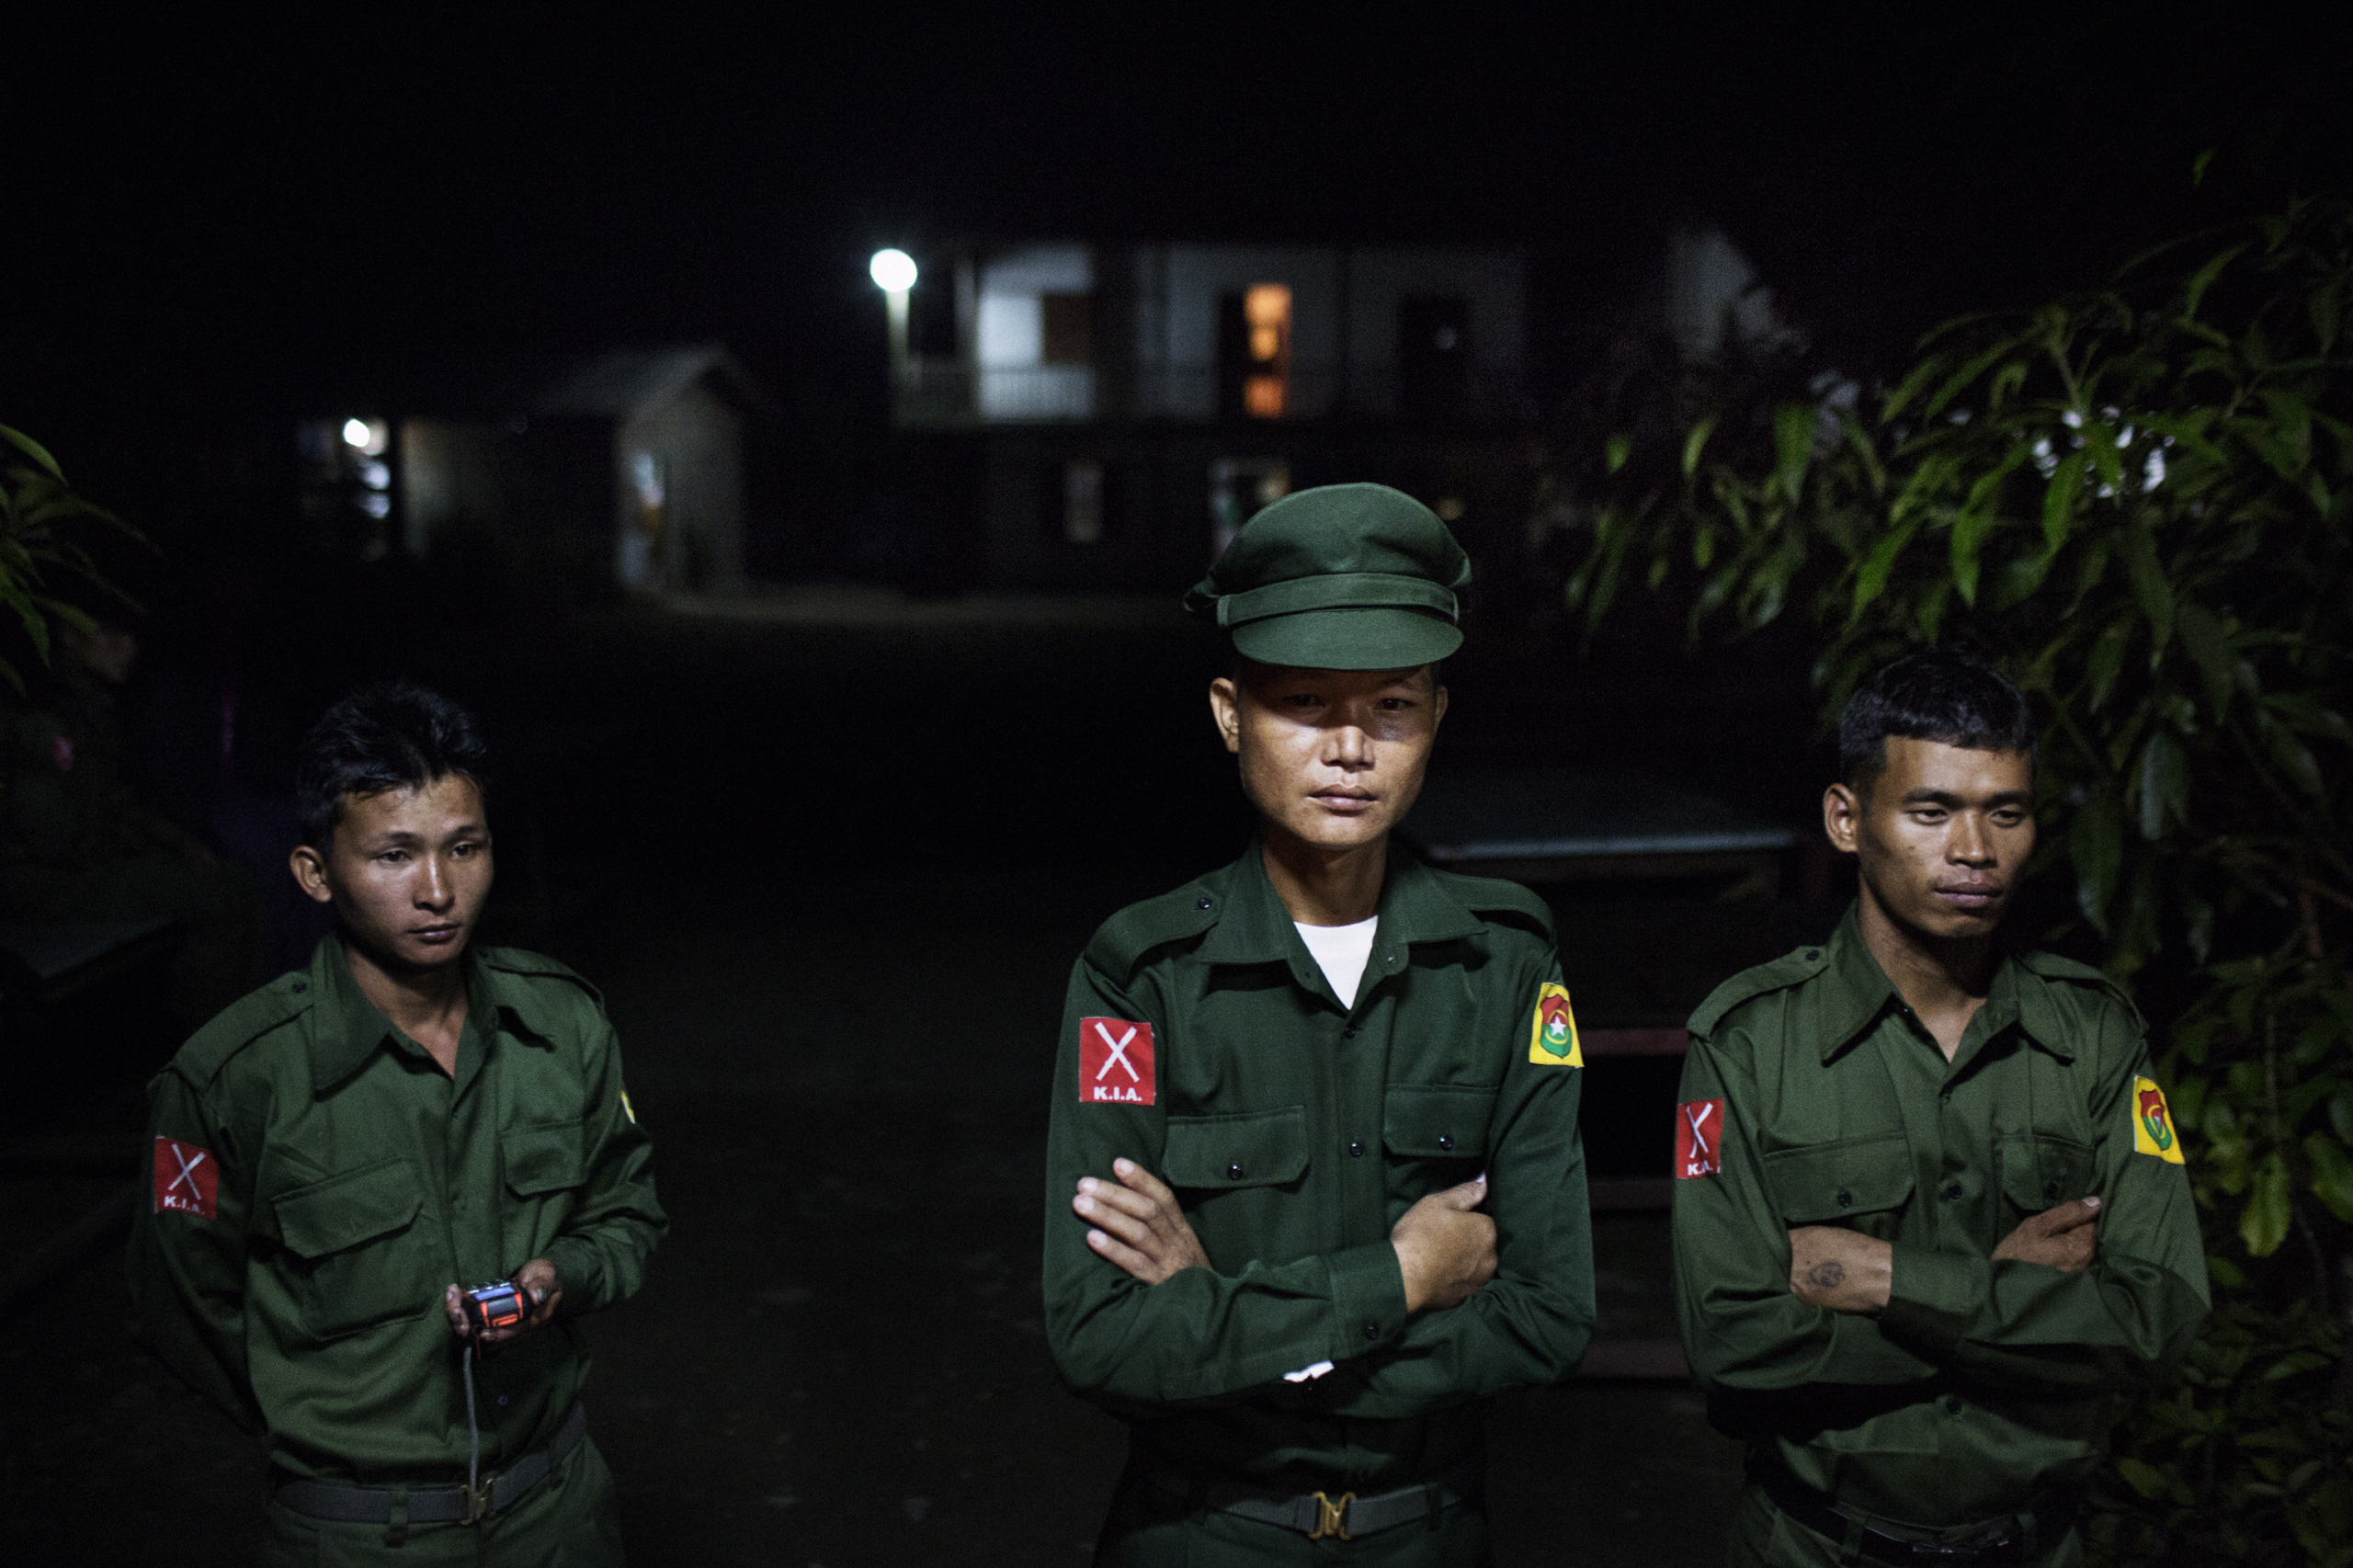 KIA soldiers in Laiza, Kachin Independence Army (KIA) controlled territory of Kachin State, Burma, Nov. 9, 2014.